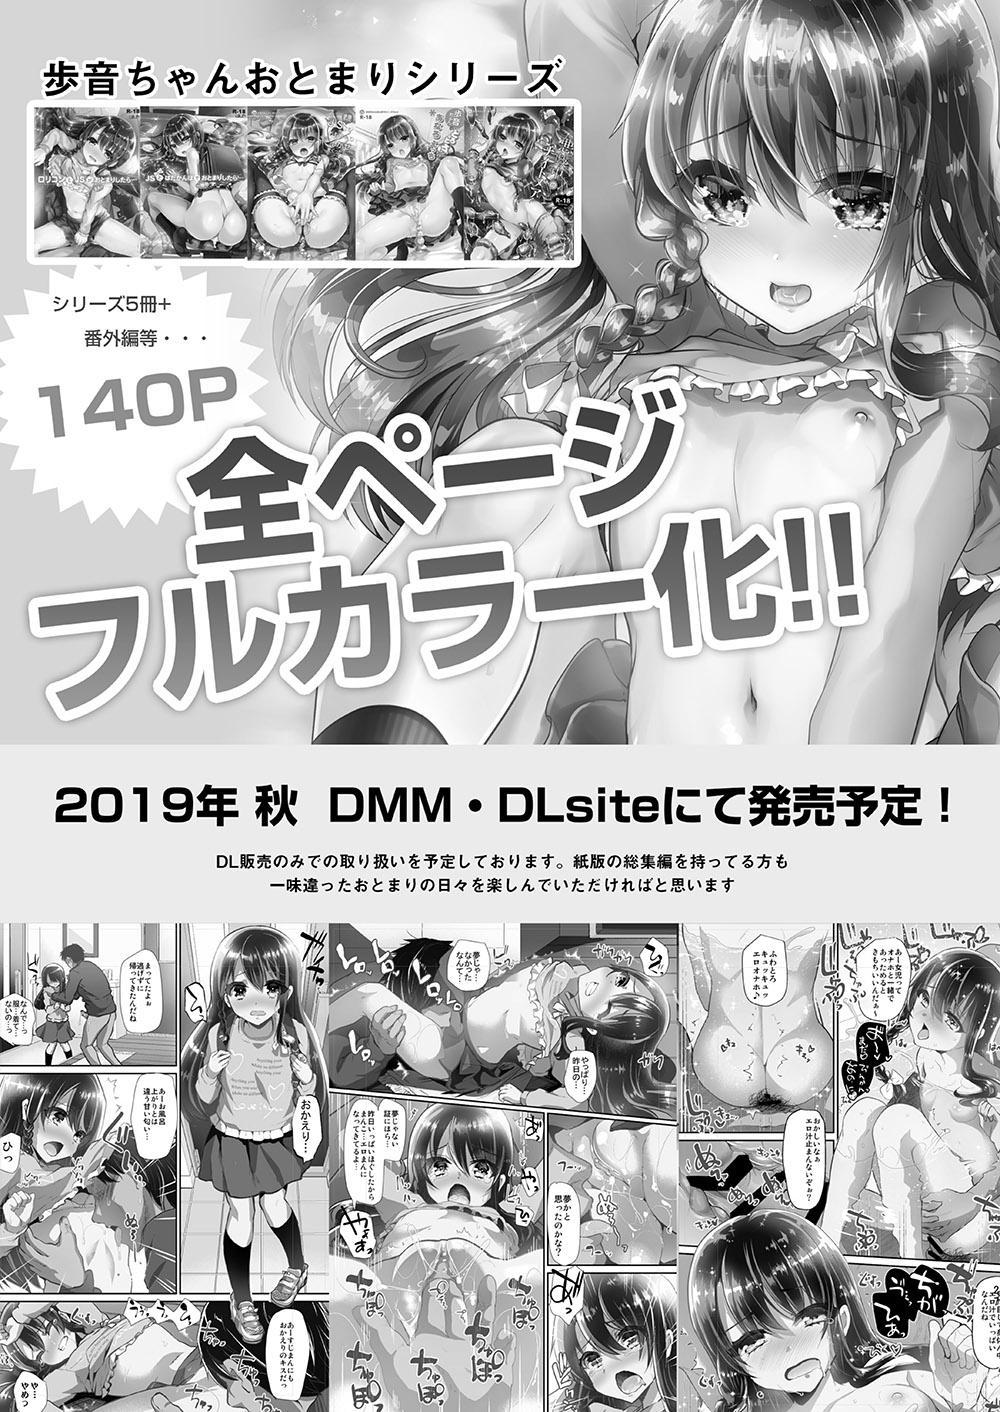 [Shimajiya (Shimaji)] Ayune-chan Choukyou Nisshi Vol. 2 -Oheya Ecchi Hen- [Digital] 27